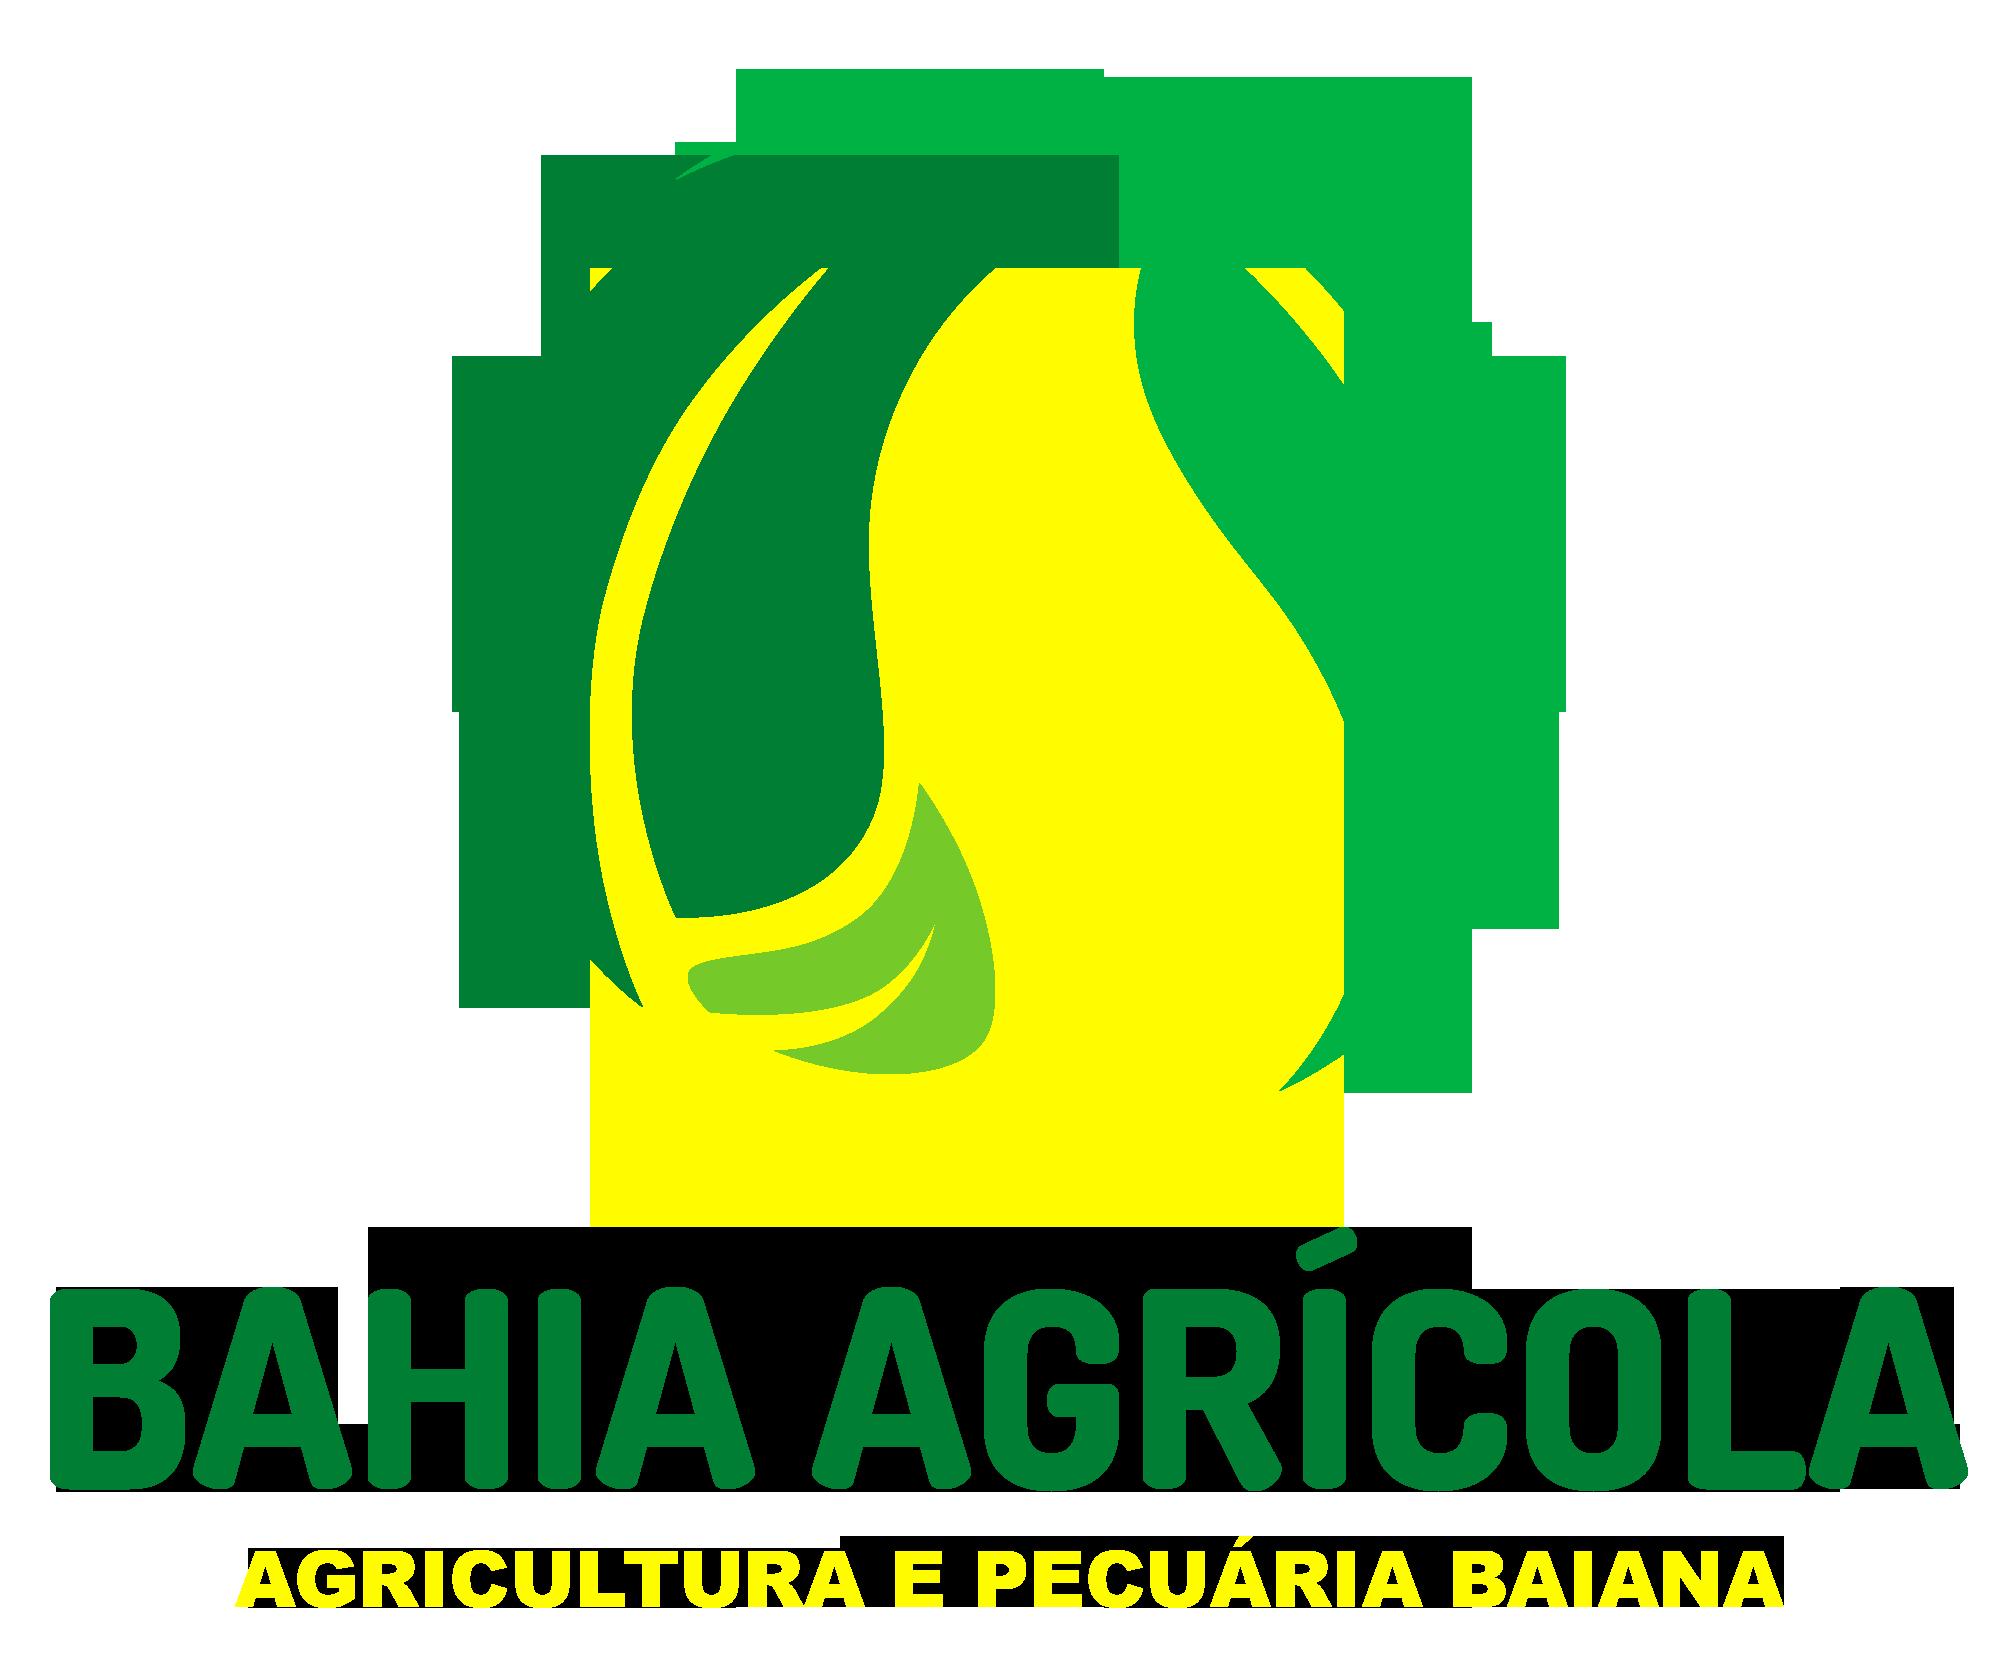 Marca Bahia Agrícola